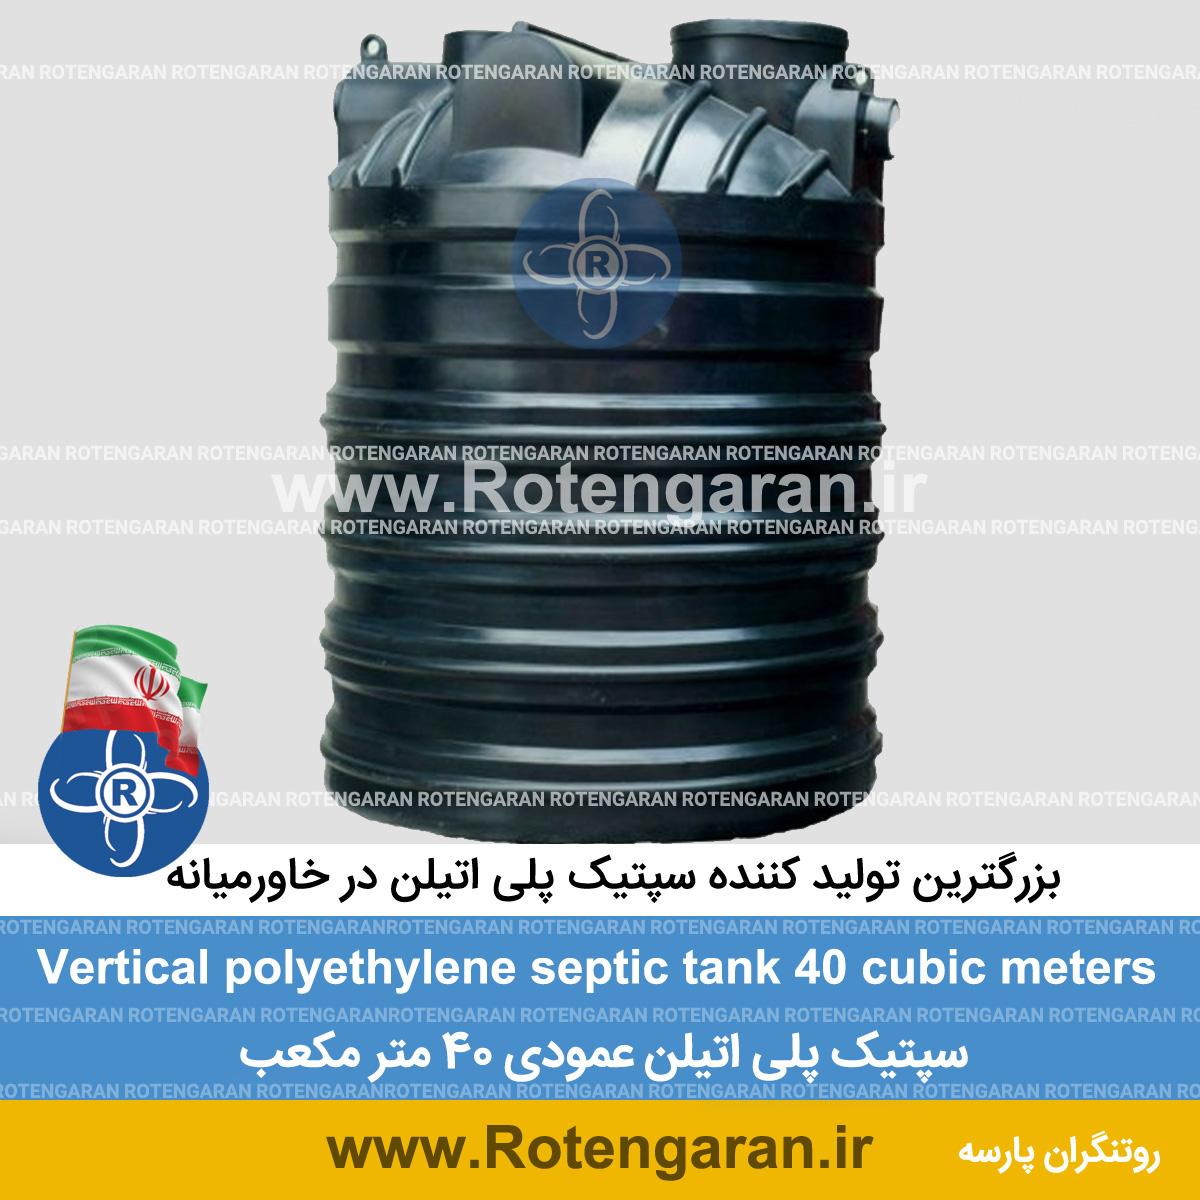 سپتیک پلی اتیلن عمودی 40 متر مکعب